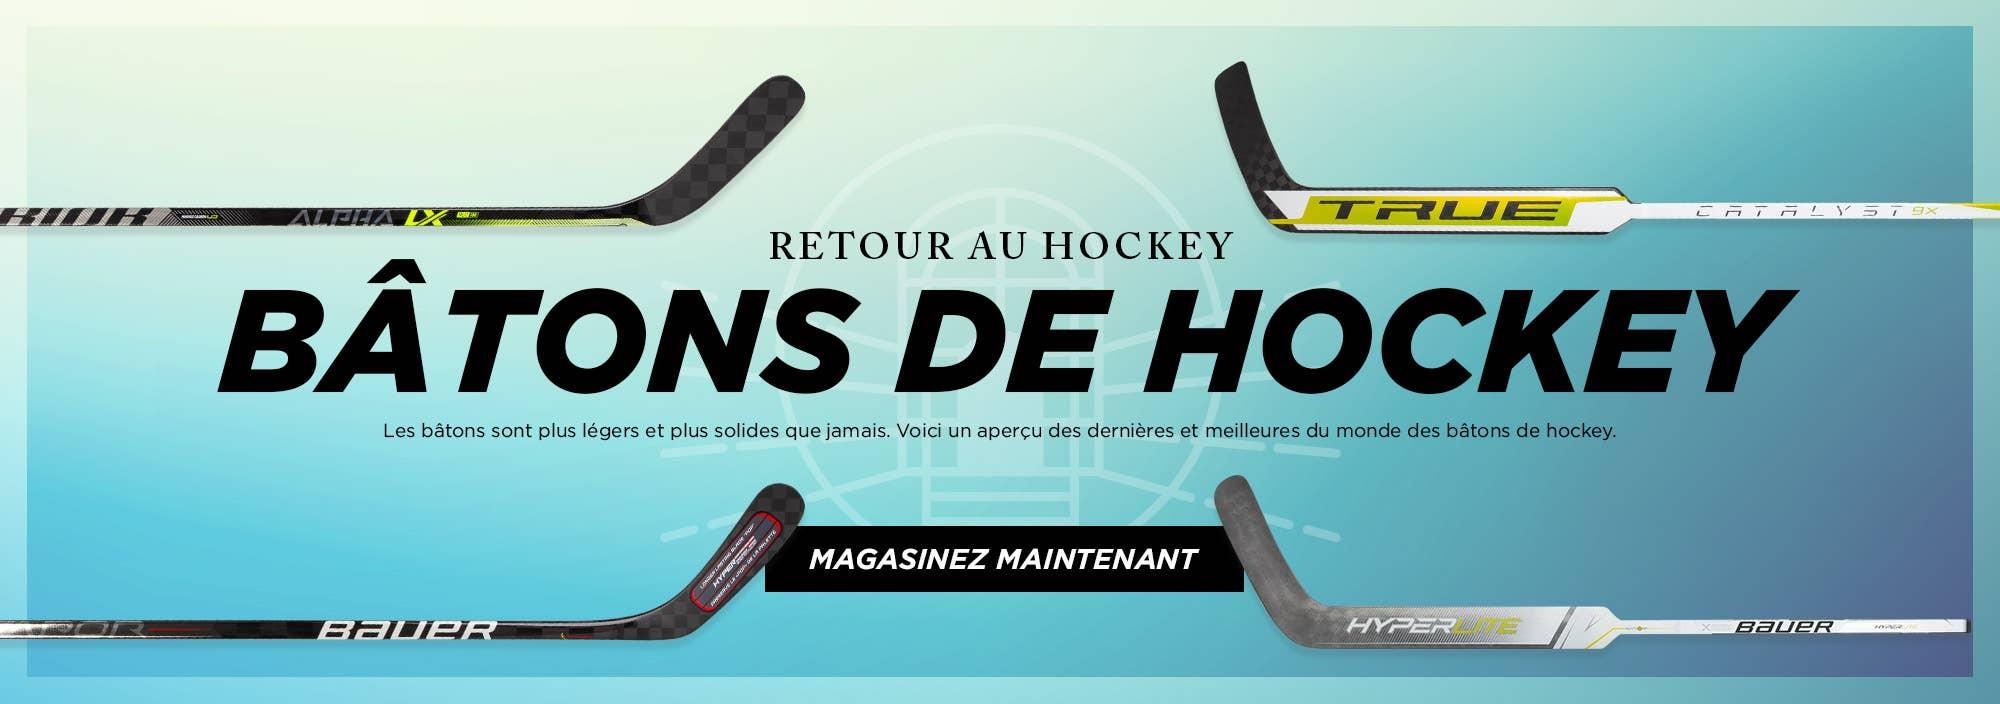 Retour au Hockey: Bâtons de Hockey